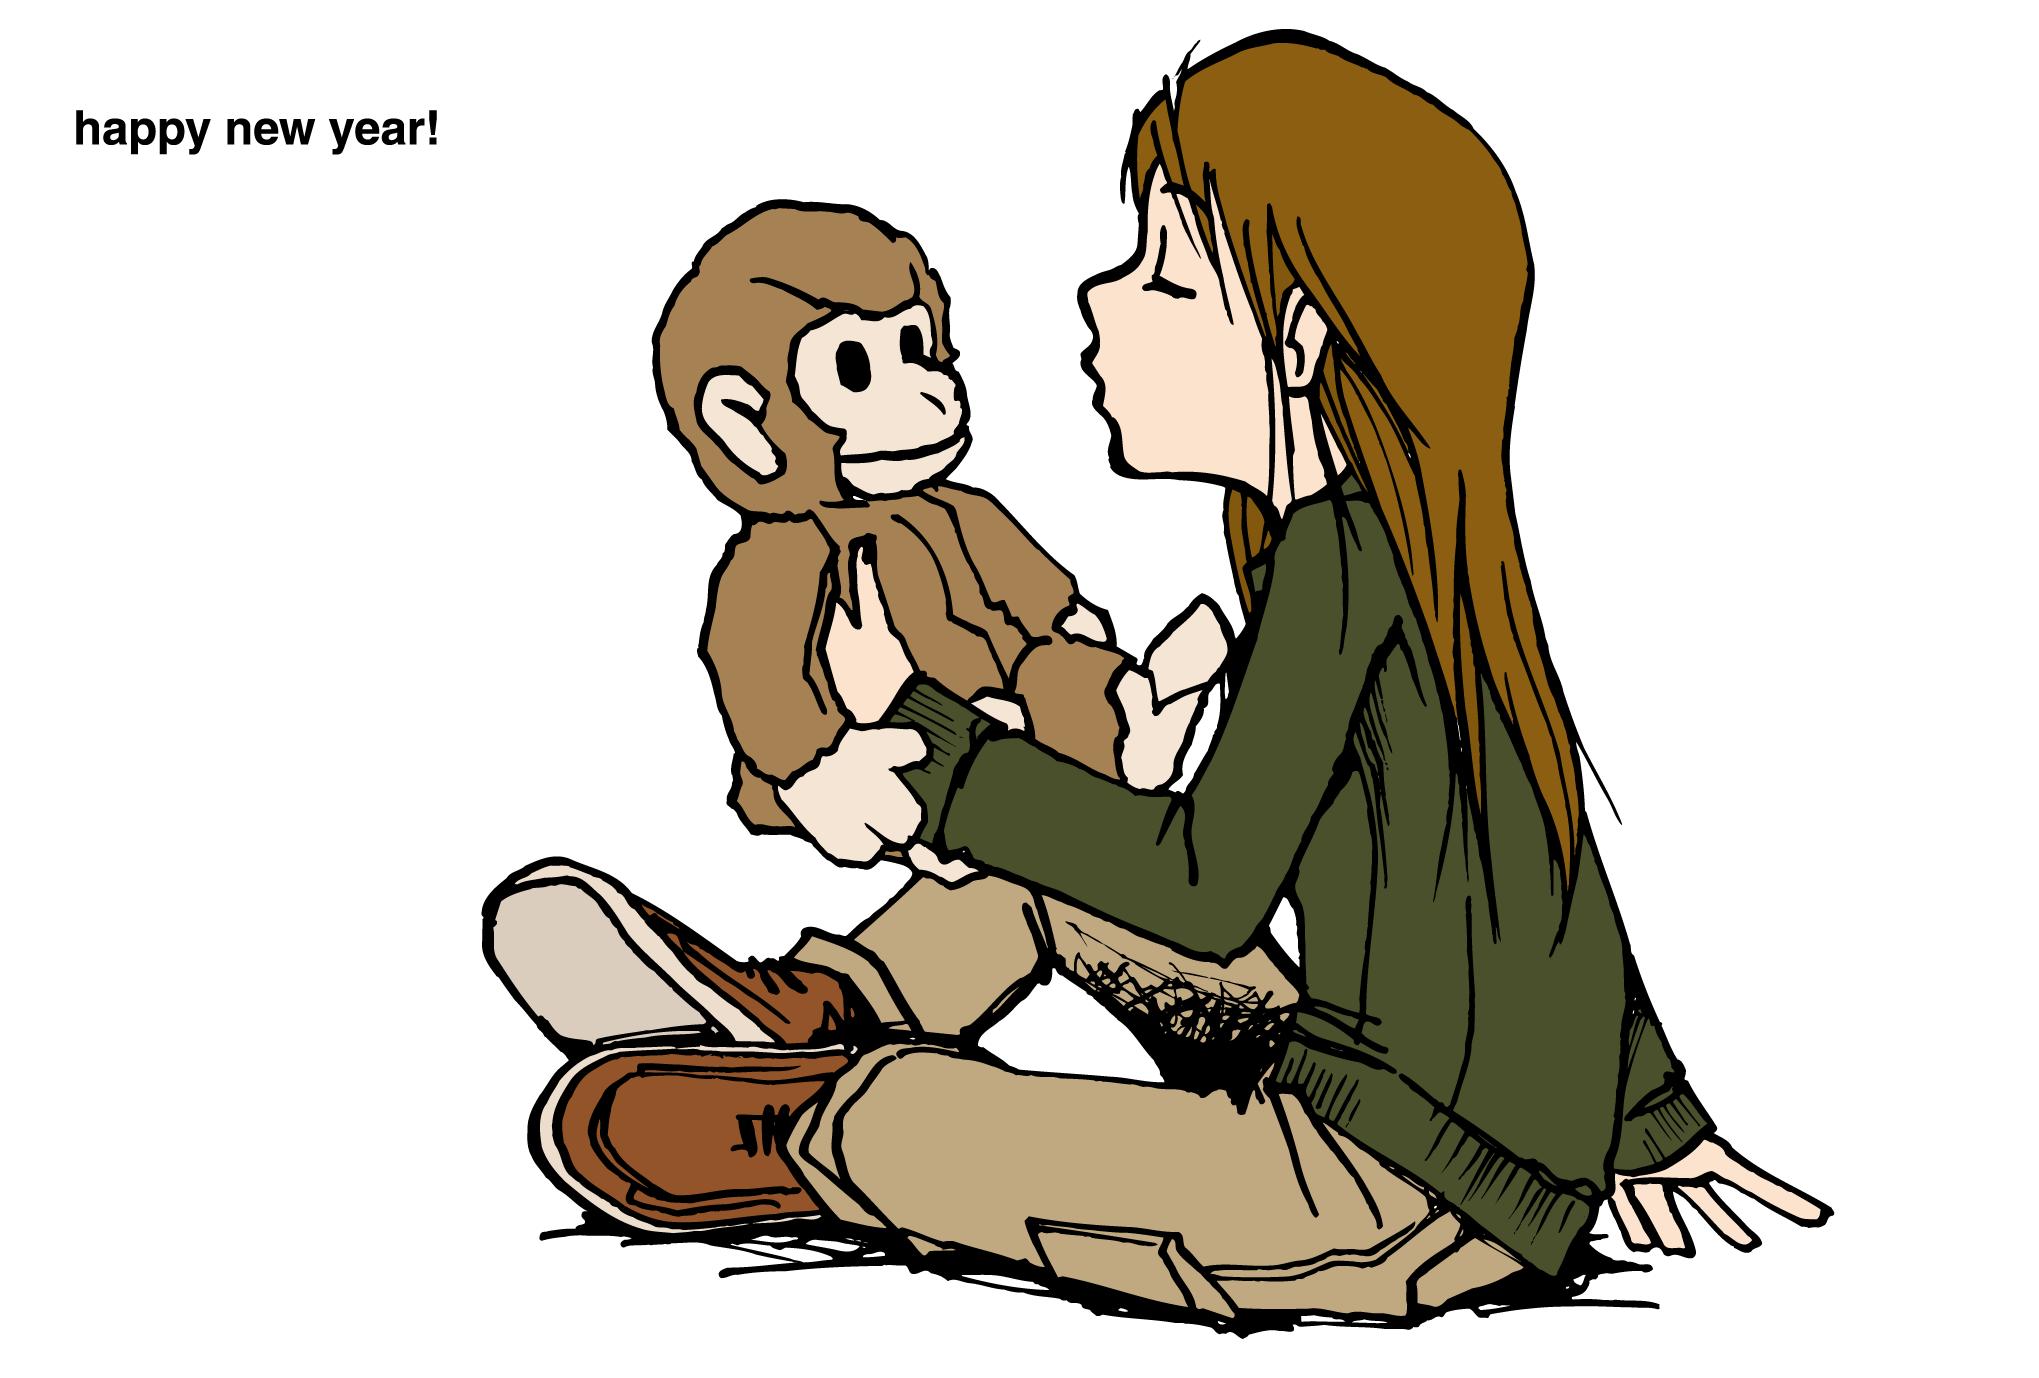 2004年賀状23:猿と女の子のダウンロード画像